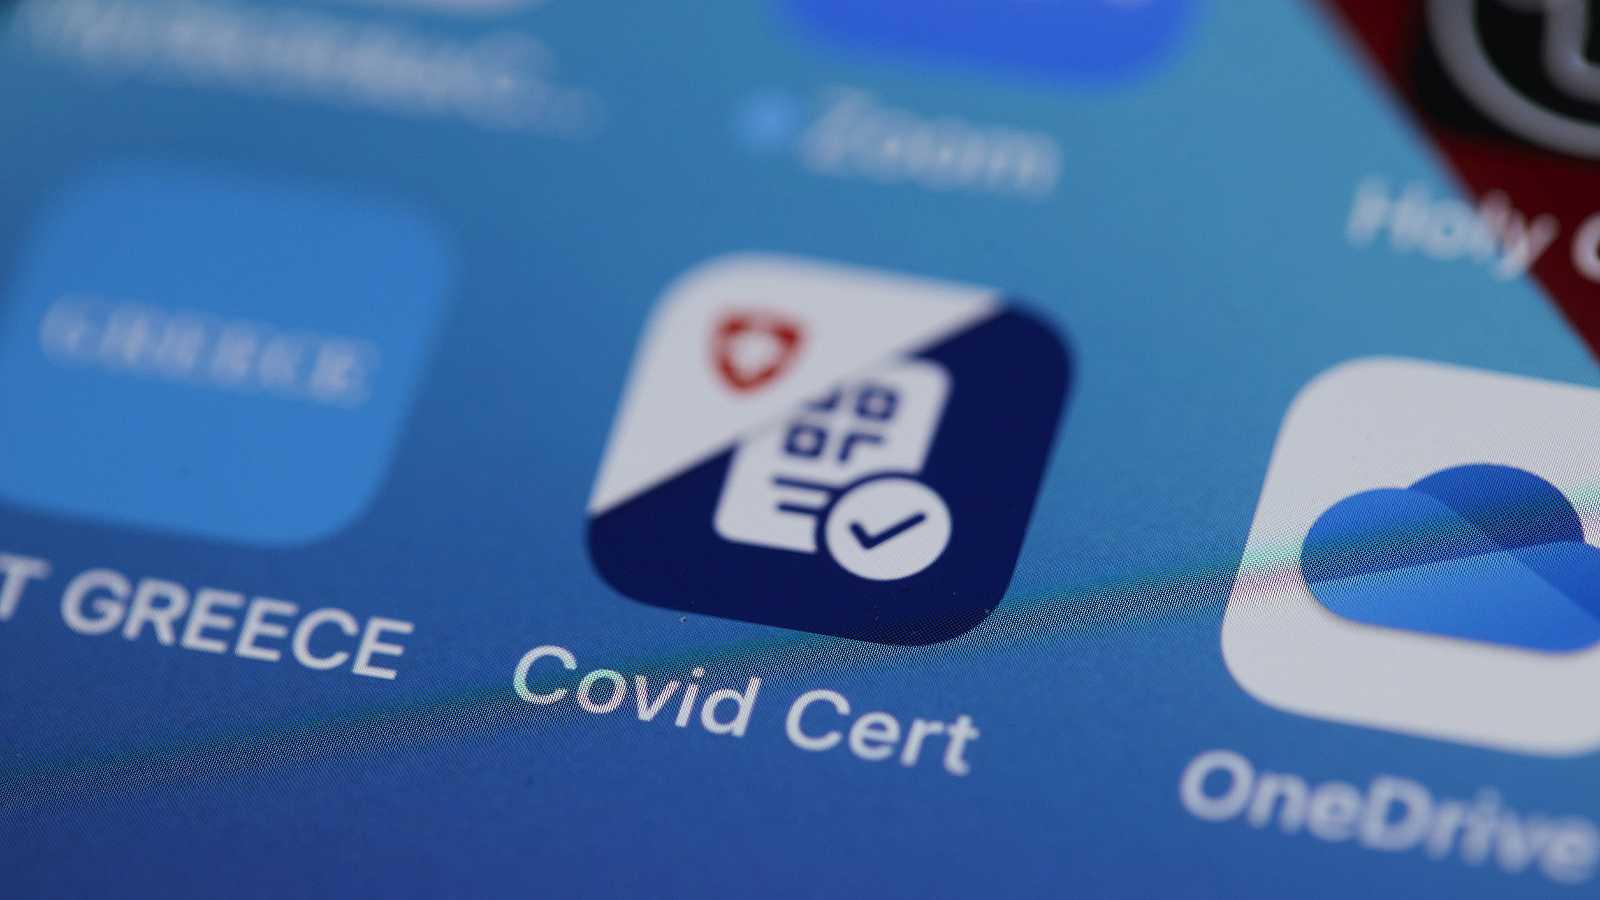 El objetivo del certificado digital COVID es reactivar el turismo dentro de los países de la UE.